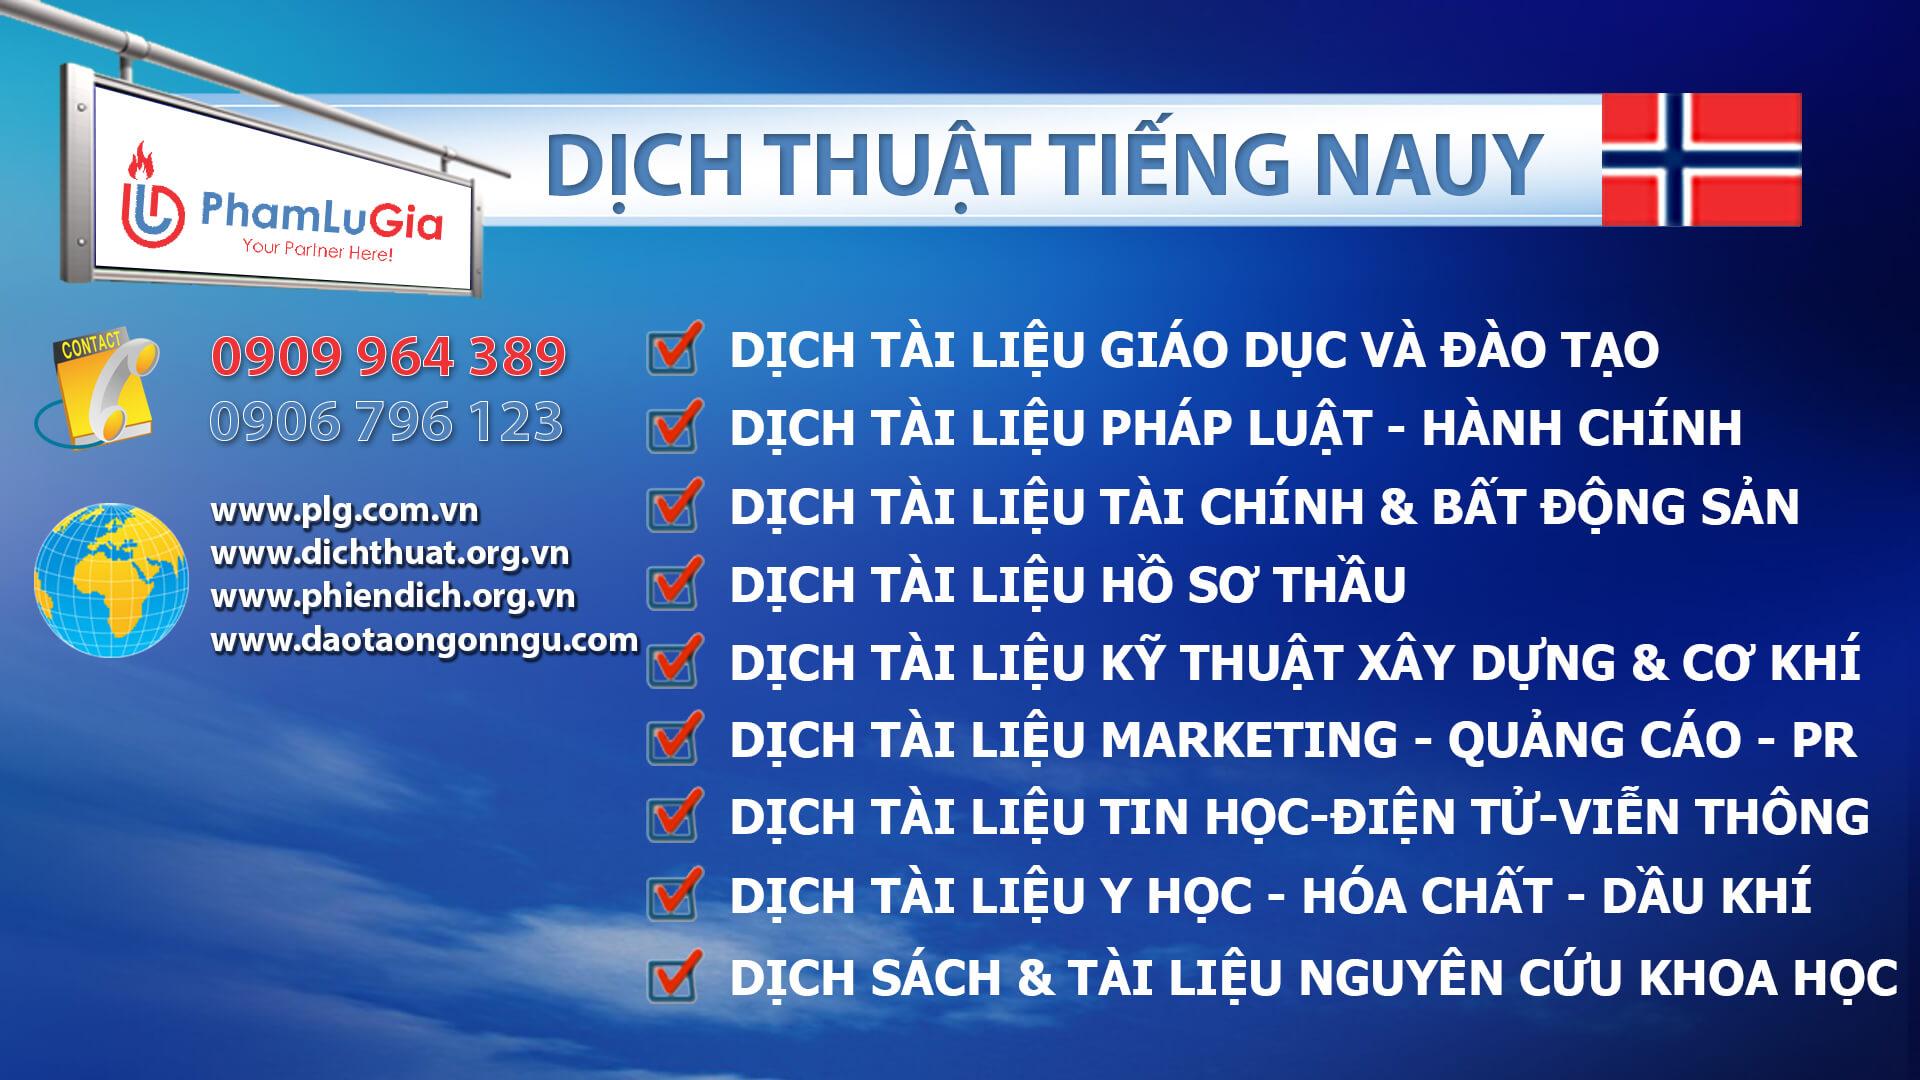 Dịch thuật tiếng Nauy chuyên ngành